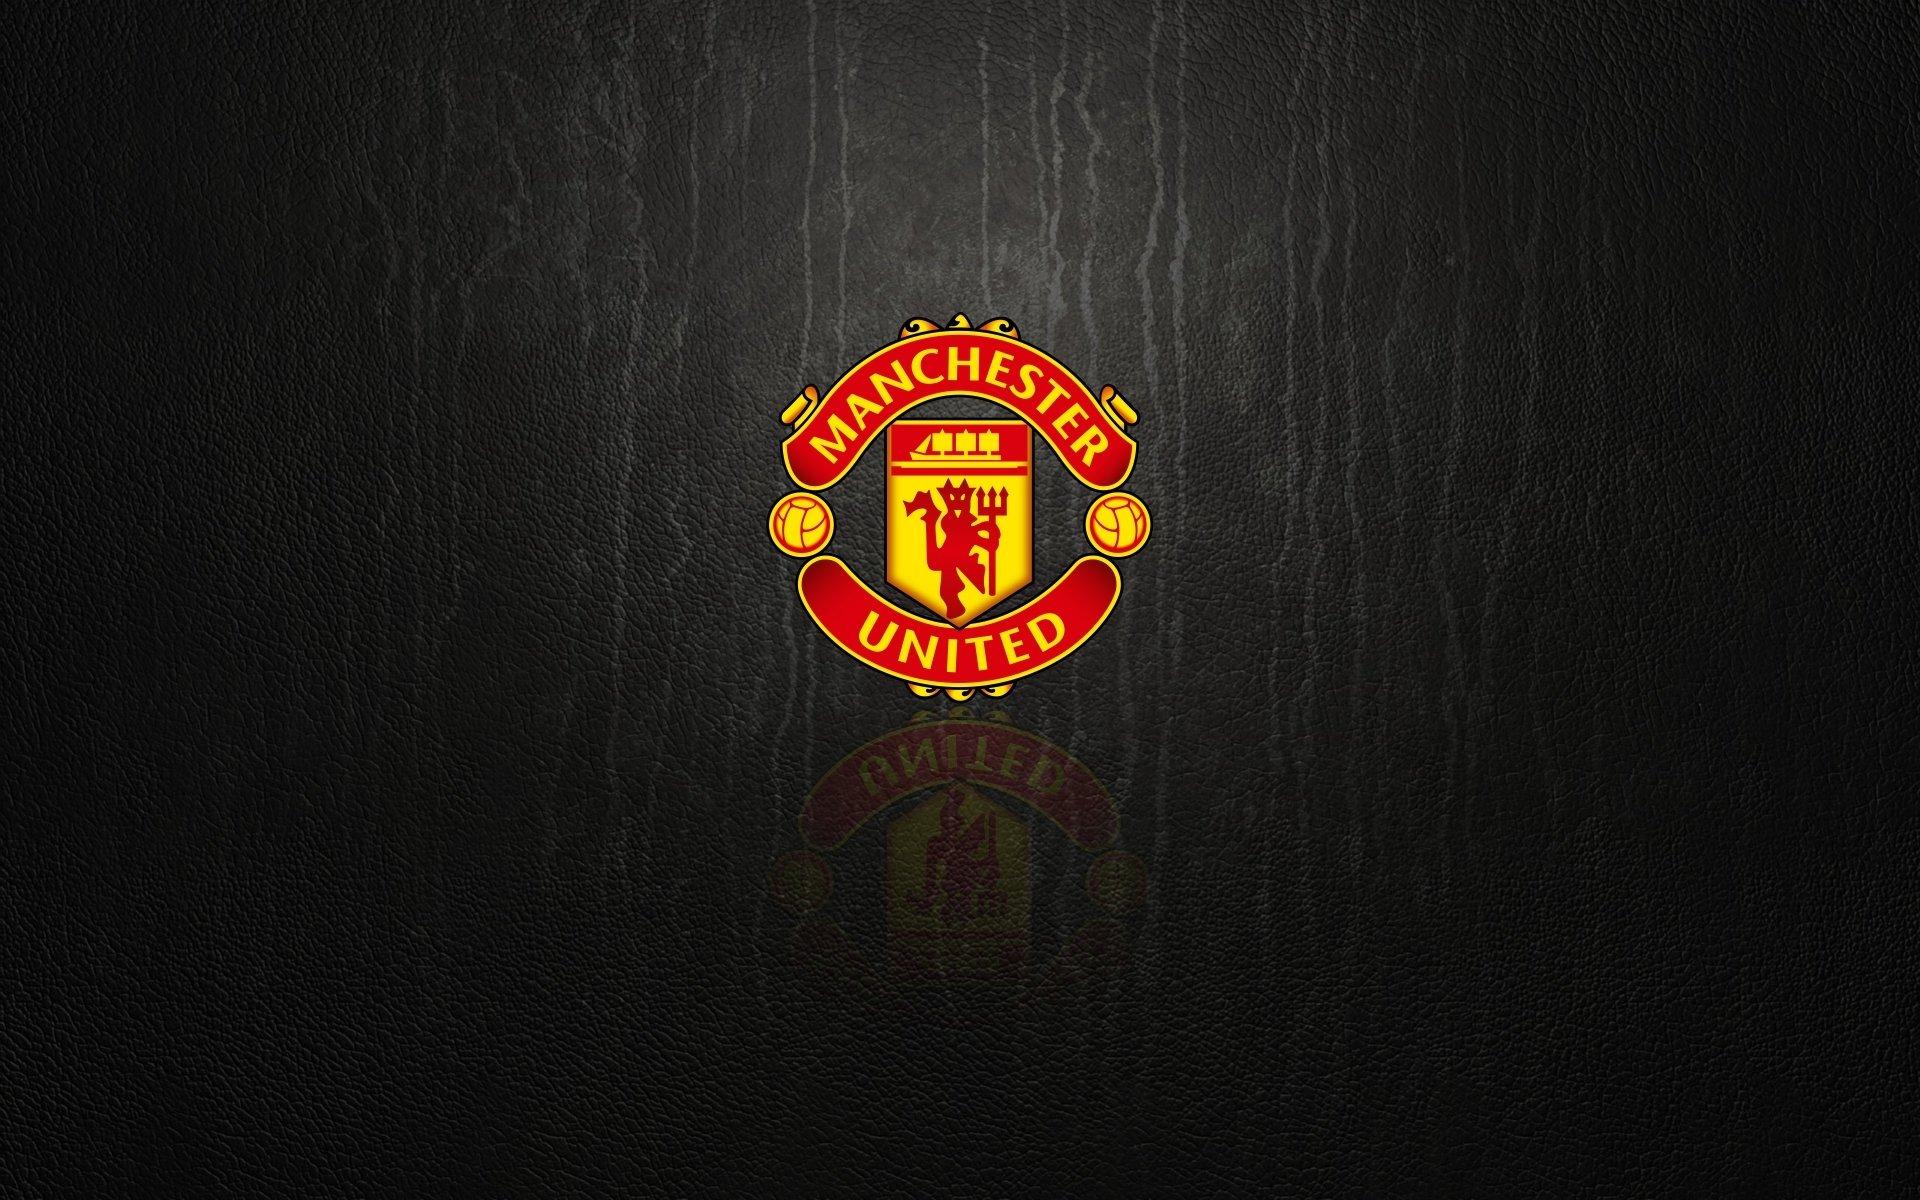 hình ảnh logo câu lạc bộ bóng đó Manchester United F.C. full hd số 38